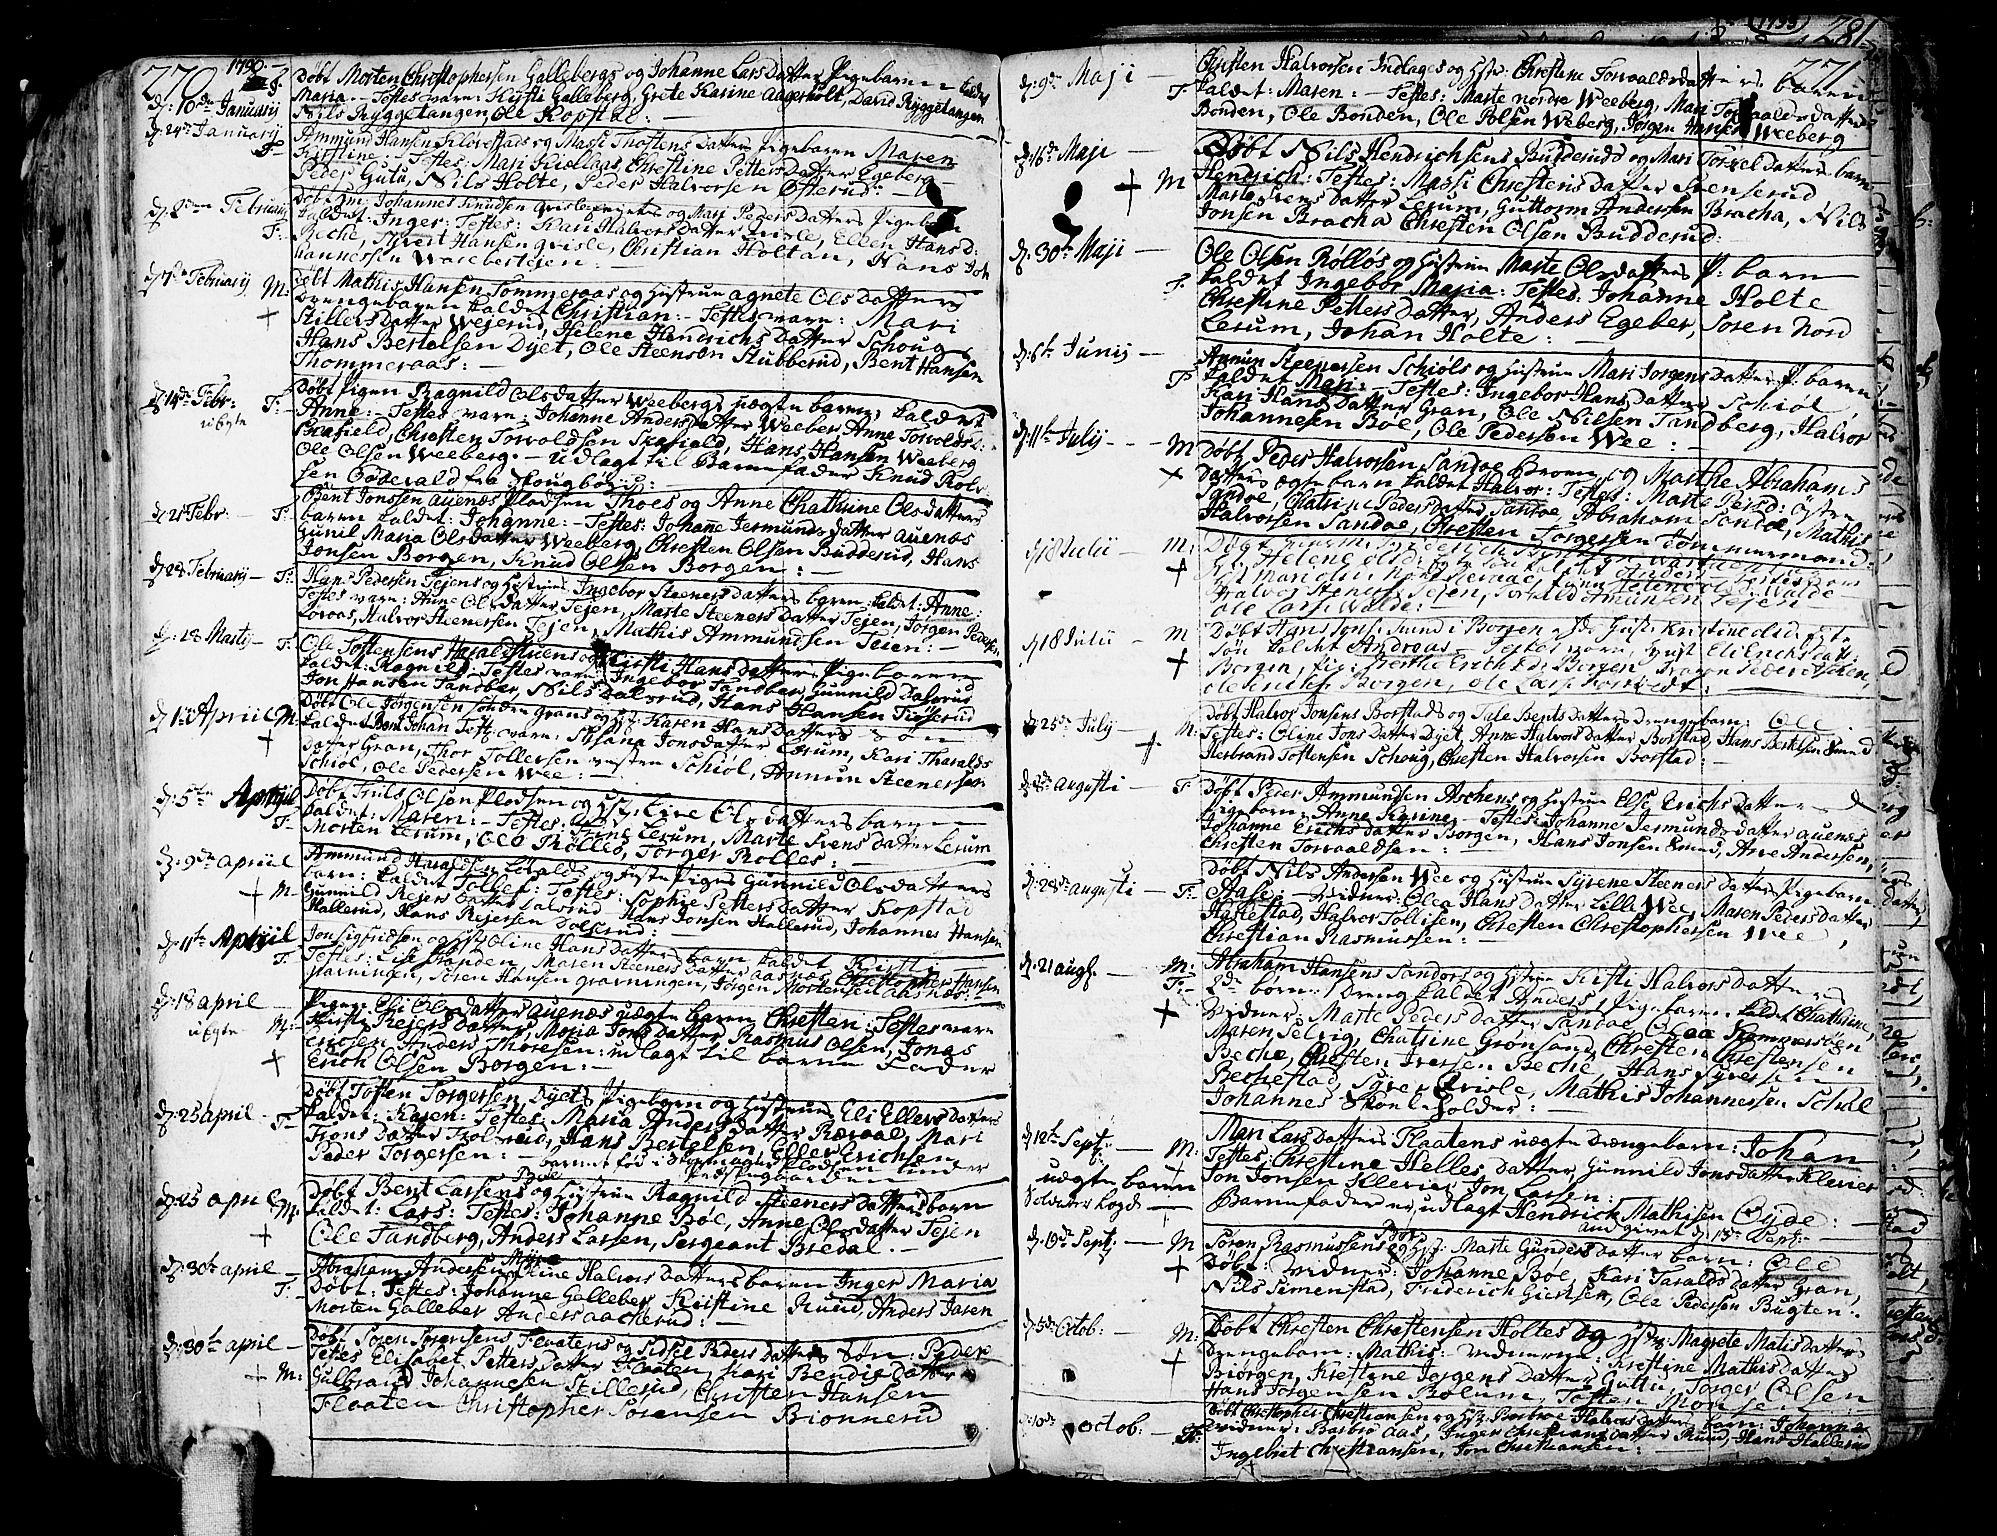 SAKO, Sande Kirkebøker, F/Fa/L0001: Ministerialbok nr. 1, 1753-1803, s. 270-271